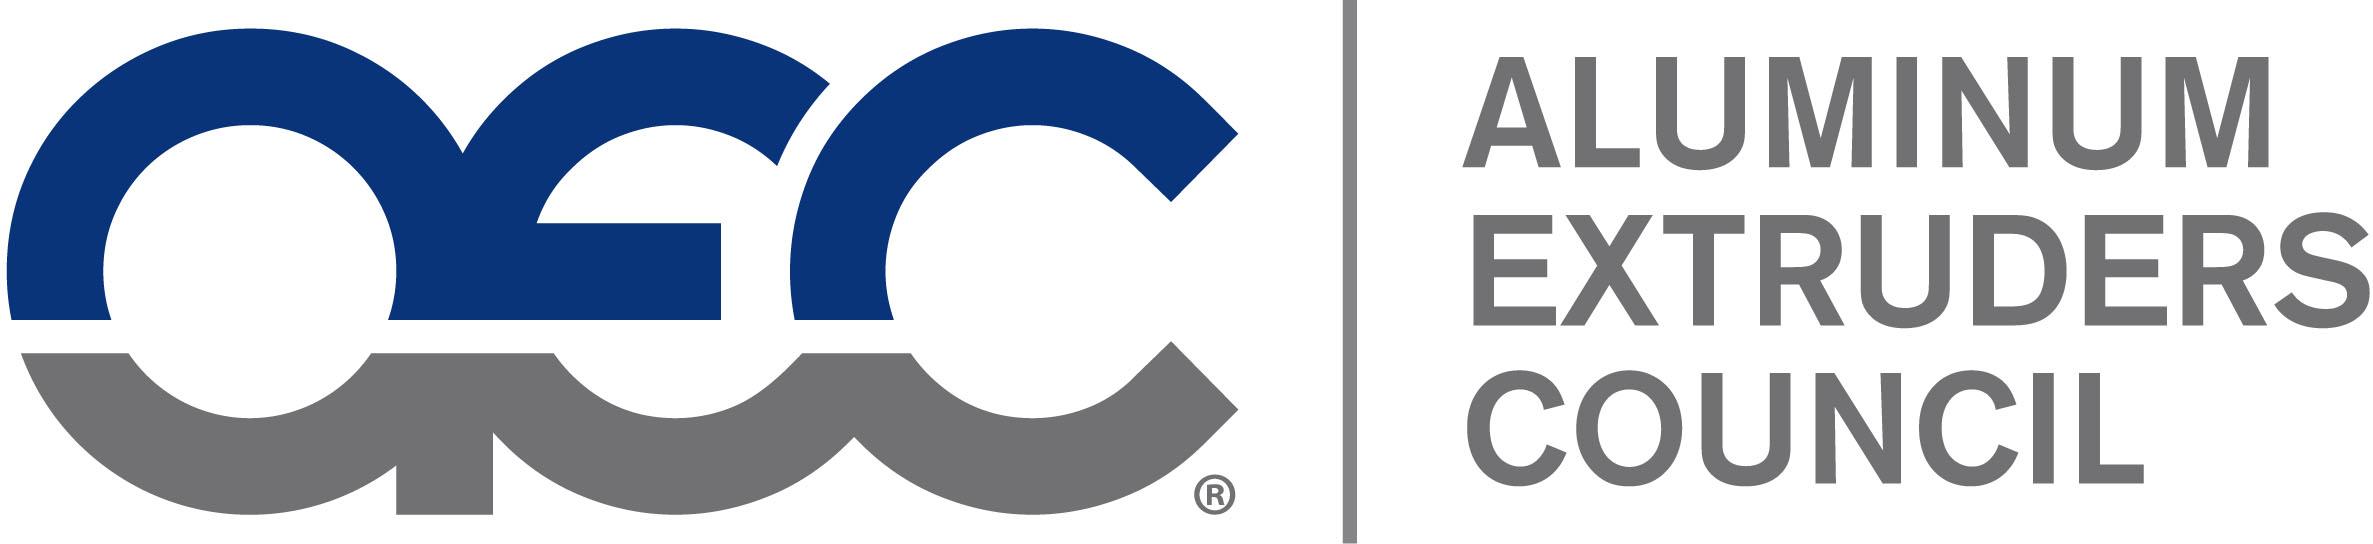 AEC: Aluminum Extruders Council logo